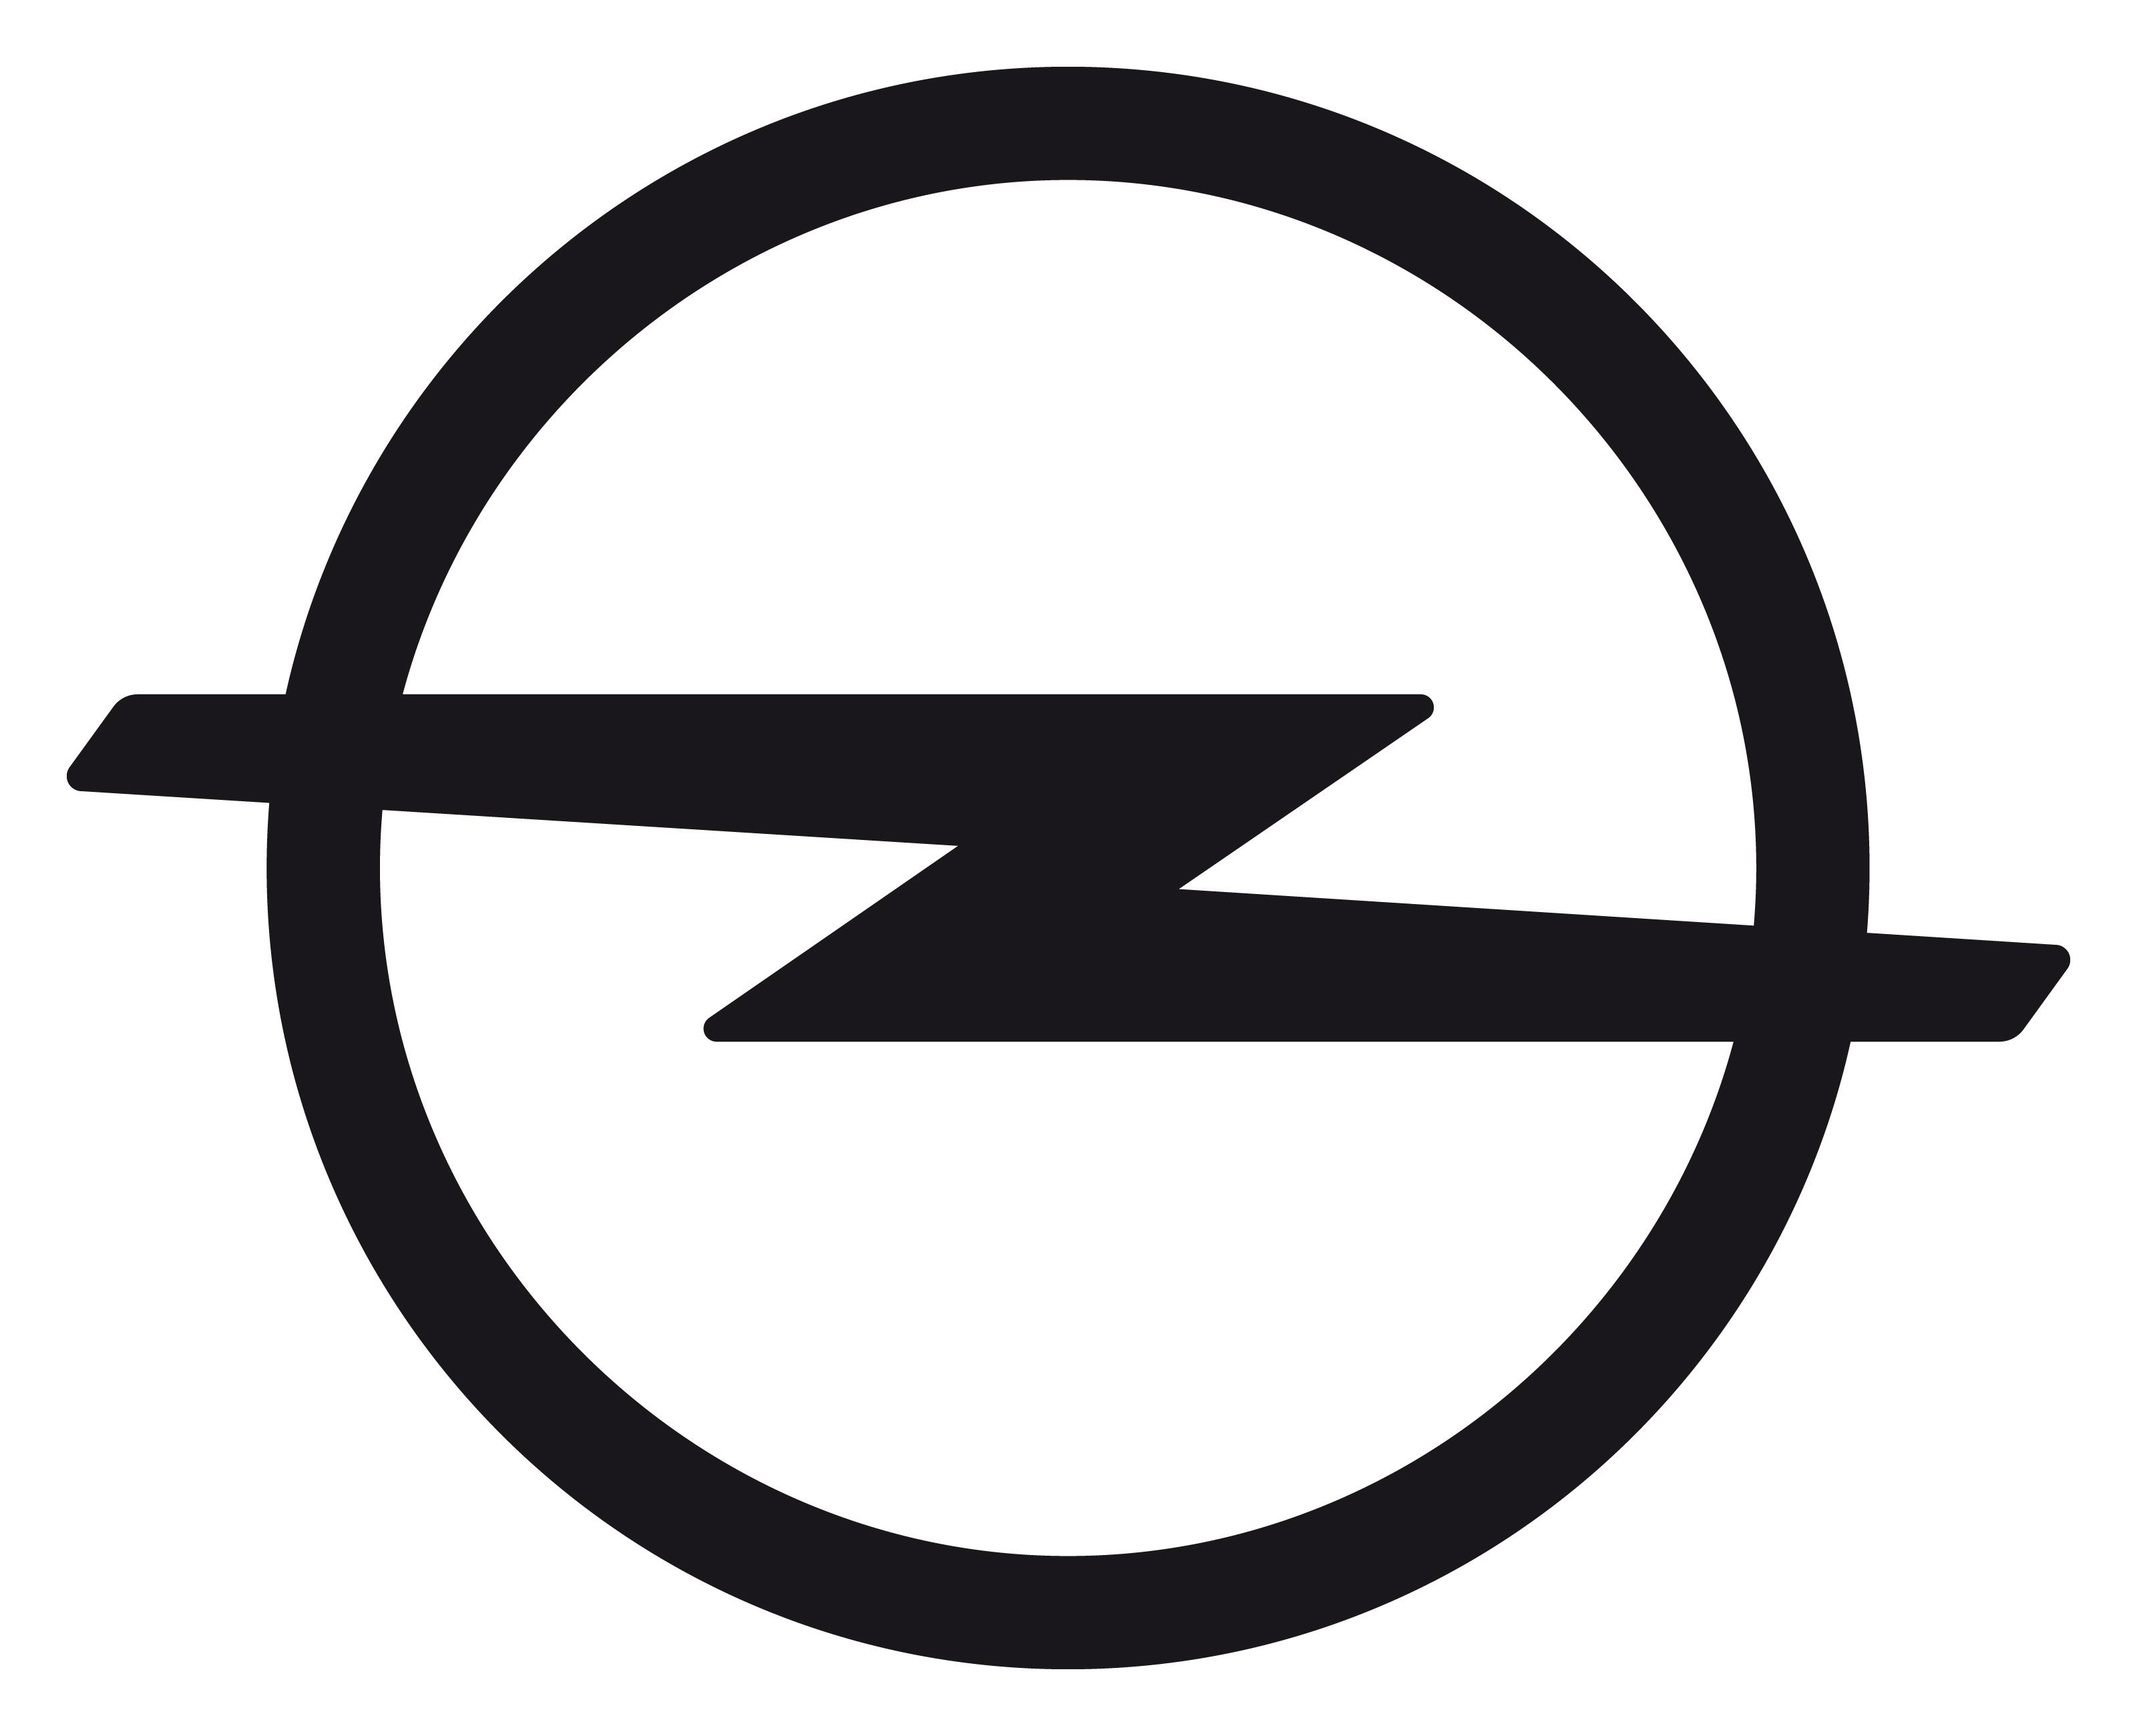 Jusqu'à 35% de réduction sur une sélection de Pneus ce samedi 10 Novembre - Opel ByMyCar Fontaine (38)